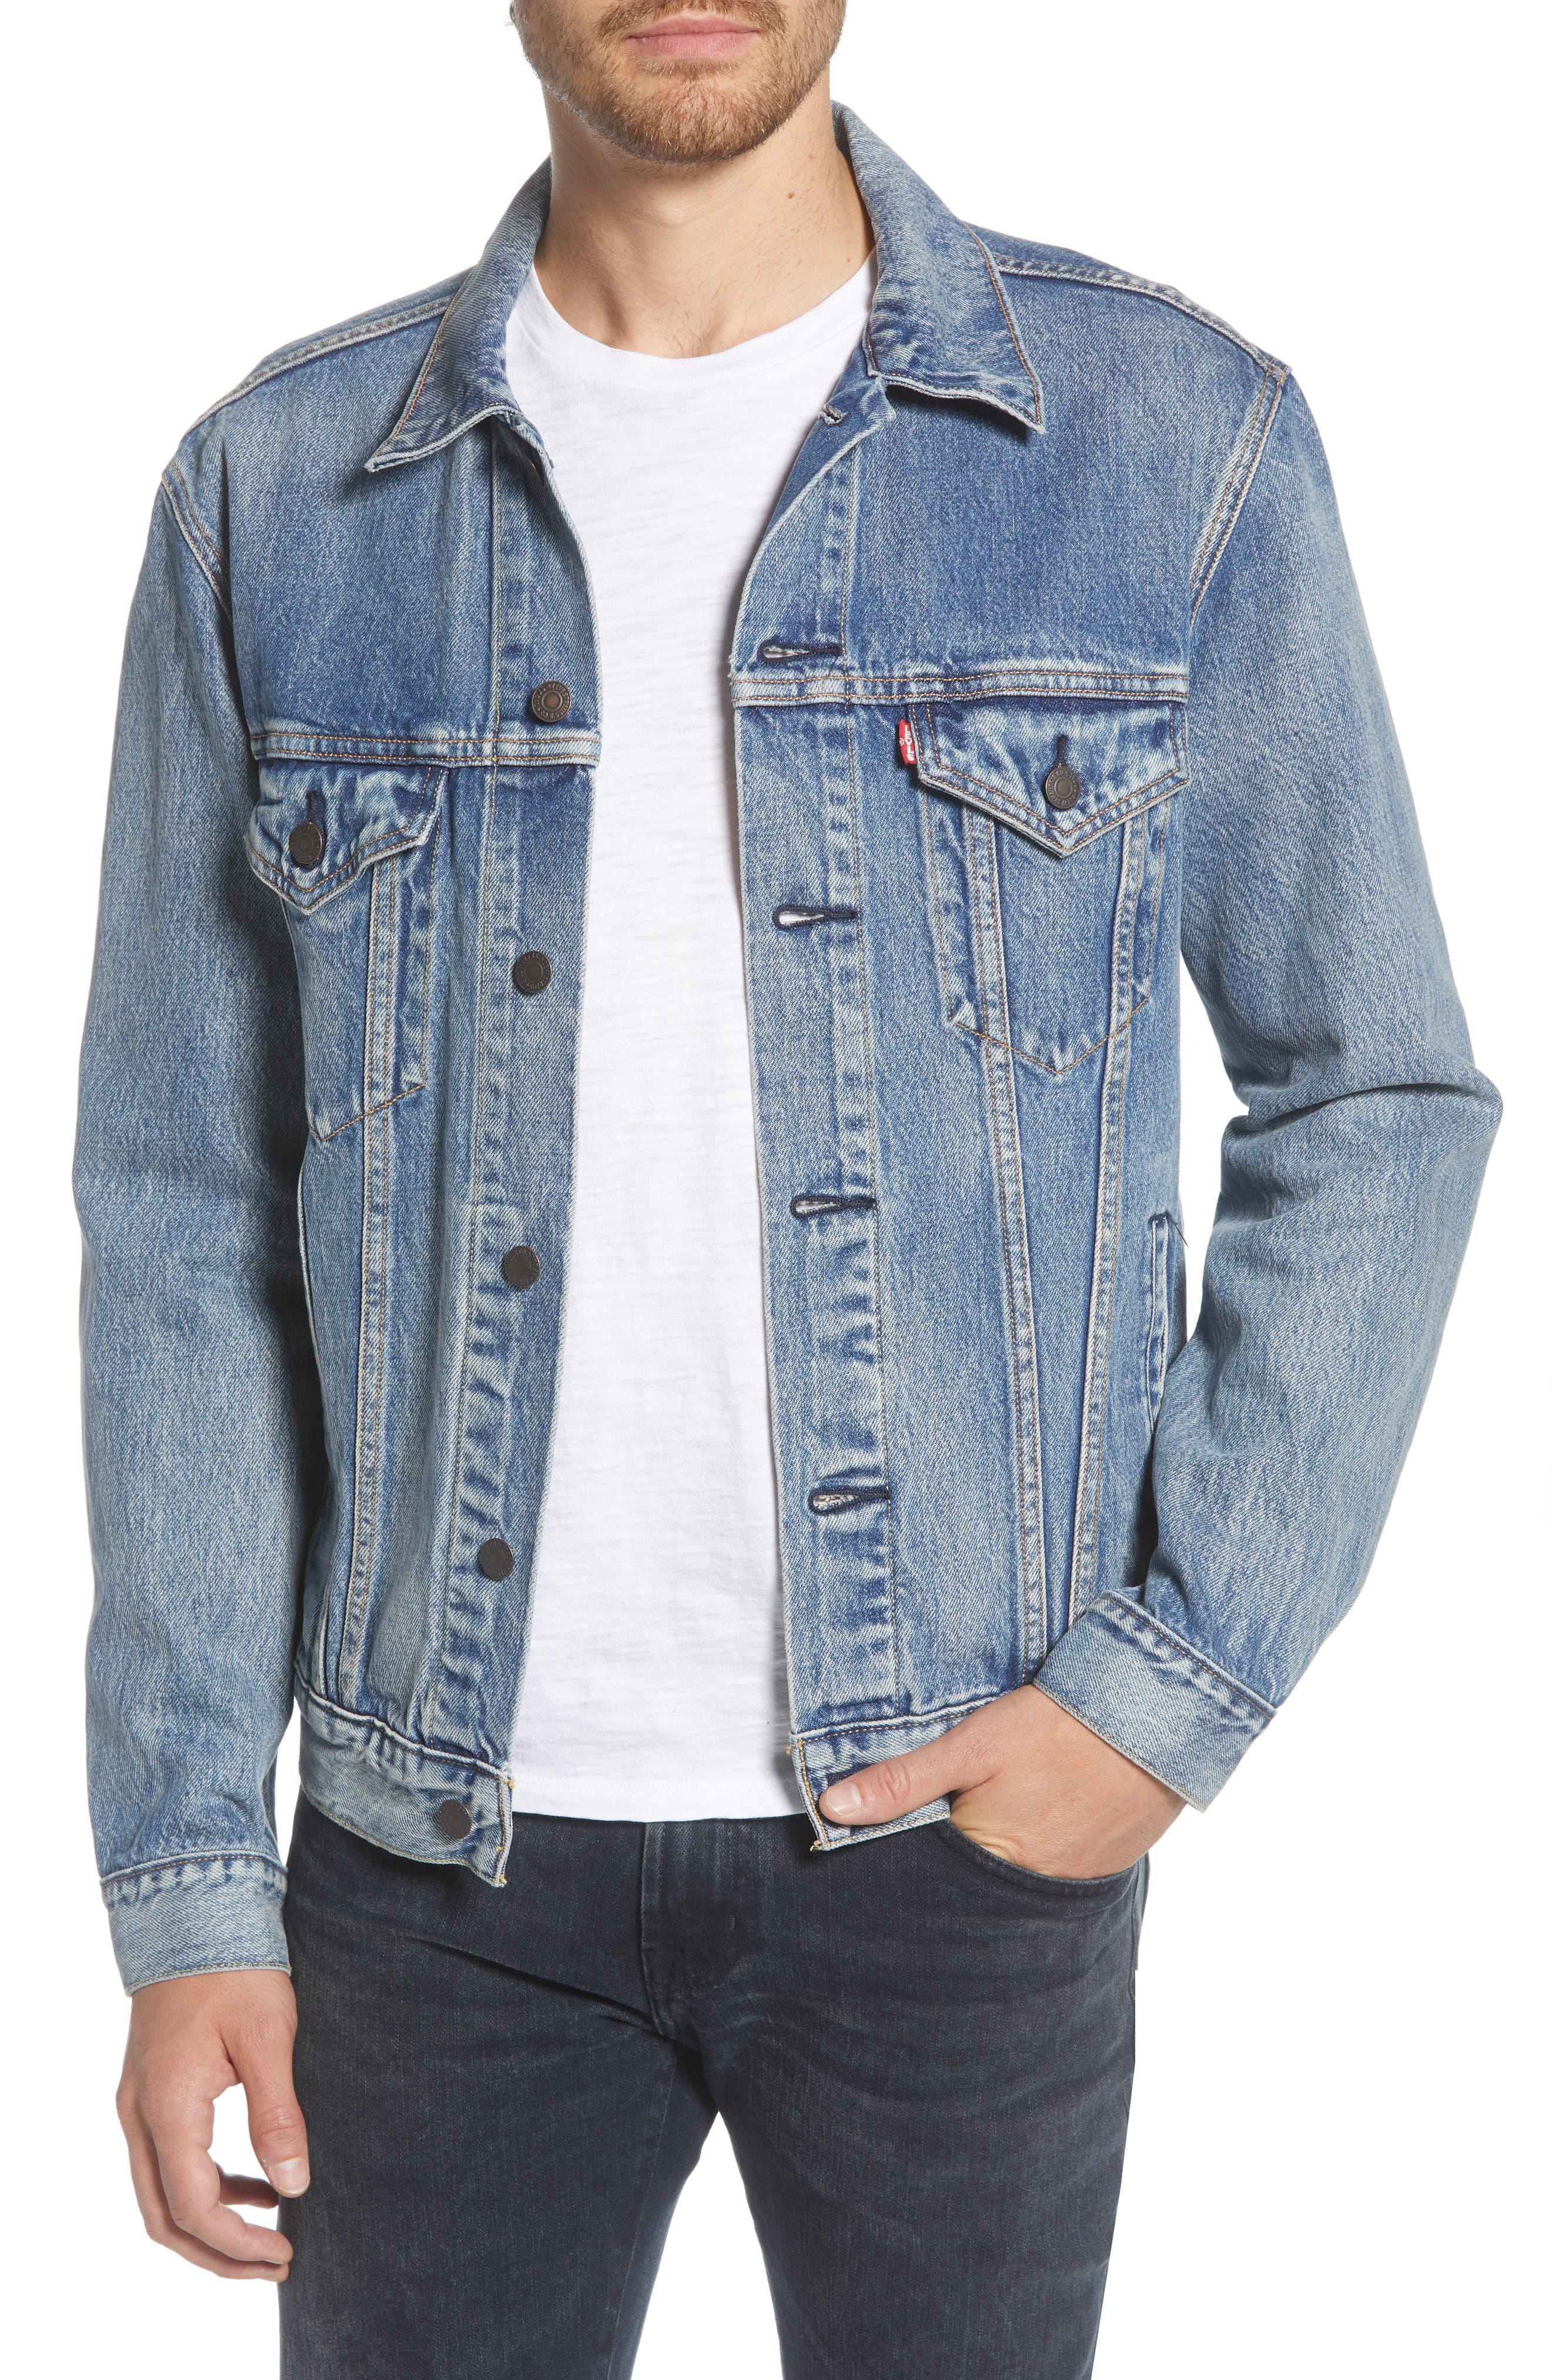 70s Jackets, Furs, Vests, Ponchos Mens Levis Vintage Fit Denim Trucker Jacket $41.18 AT vintagedancer.com